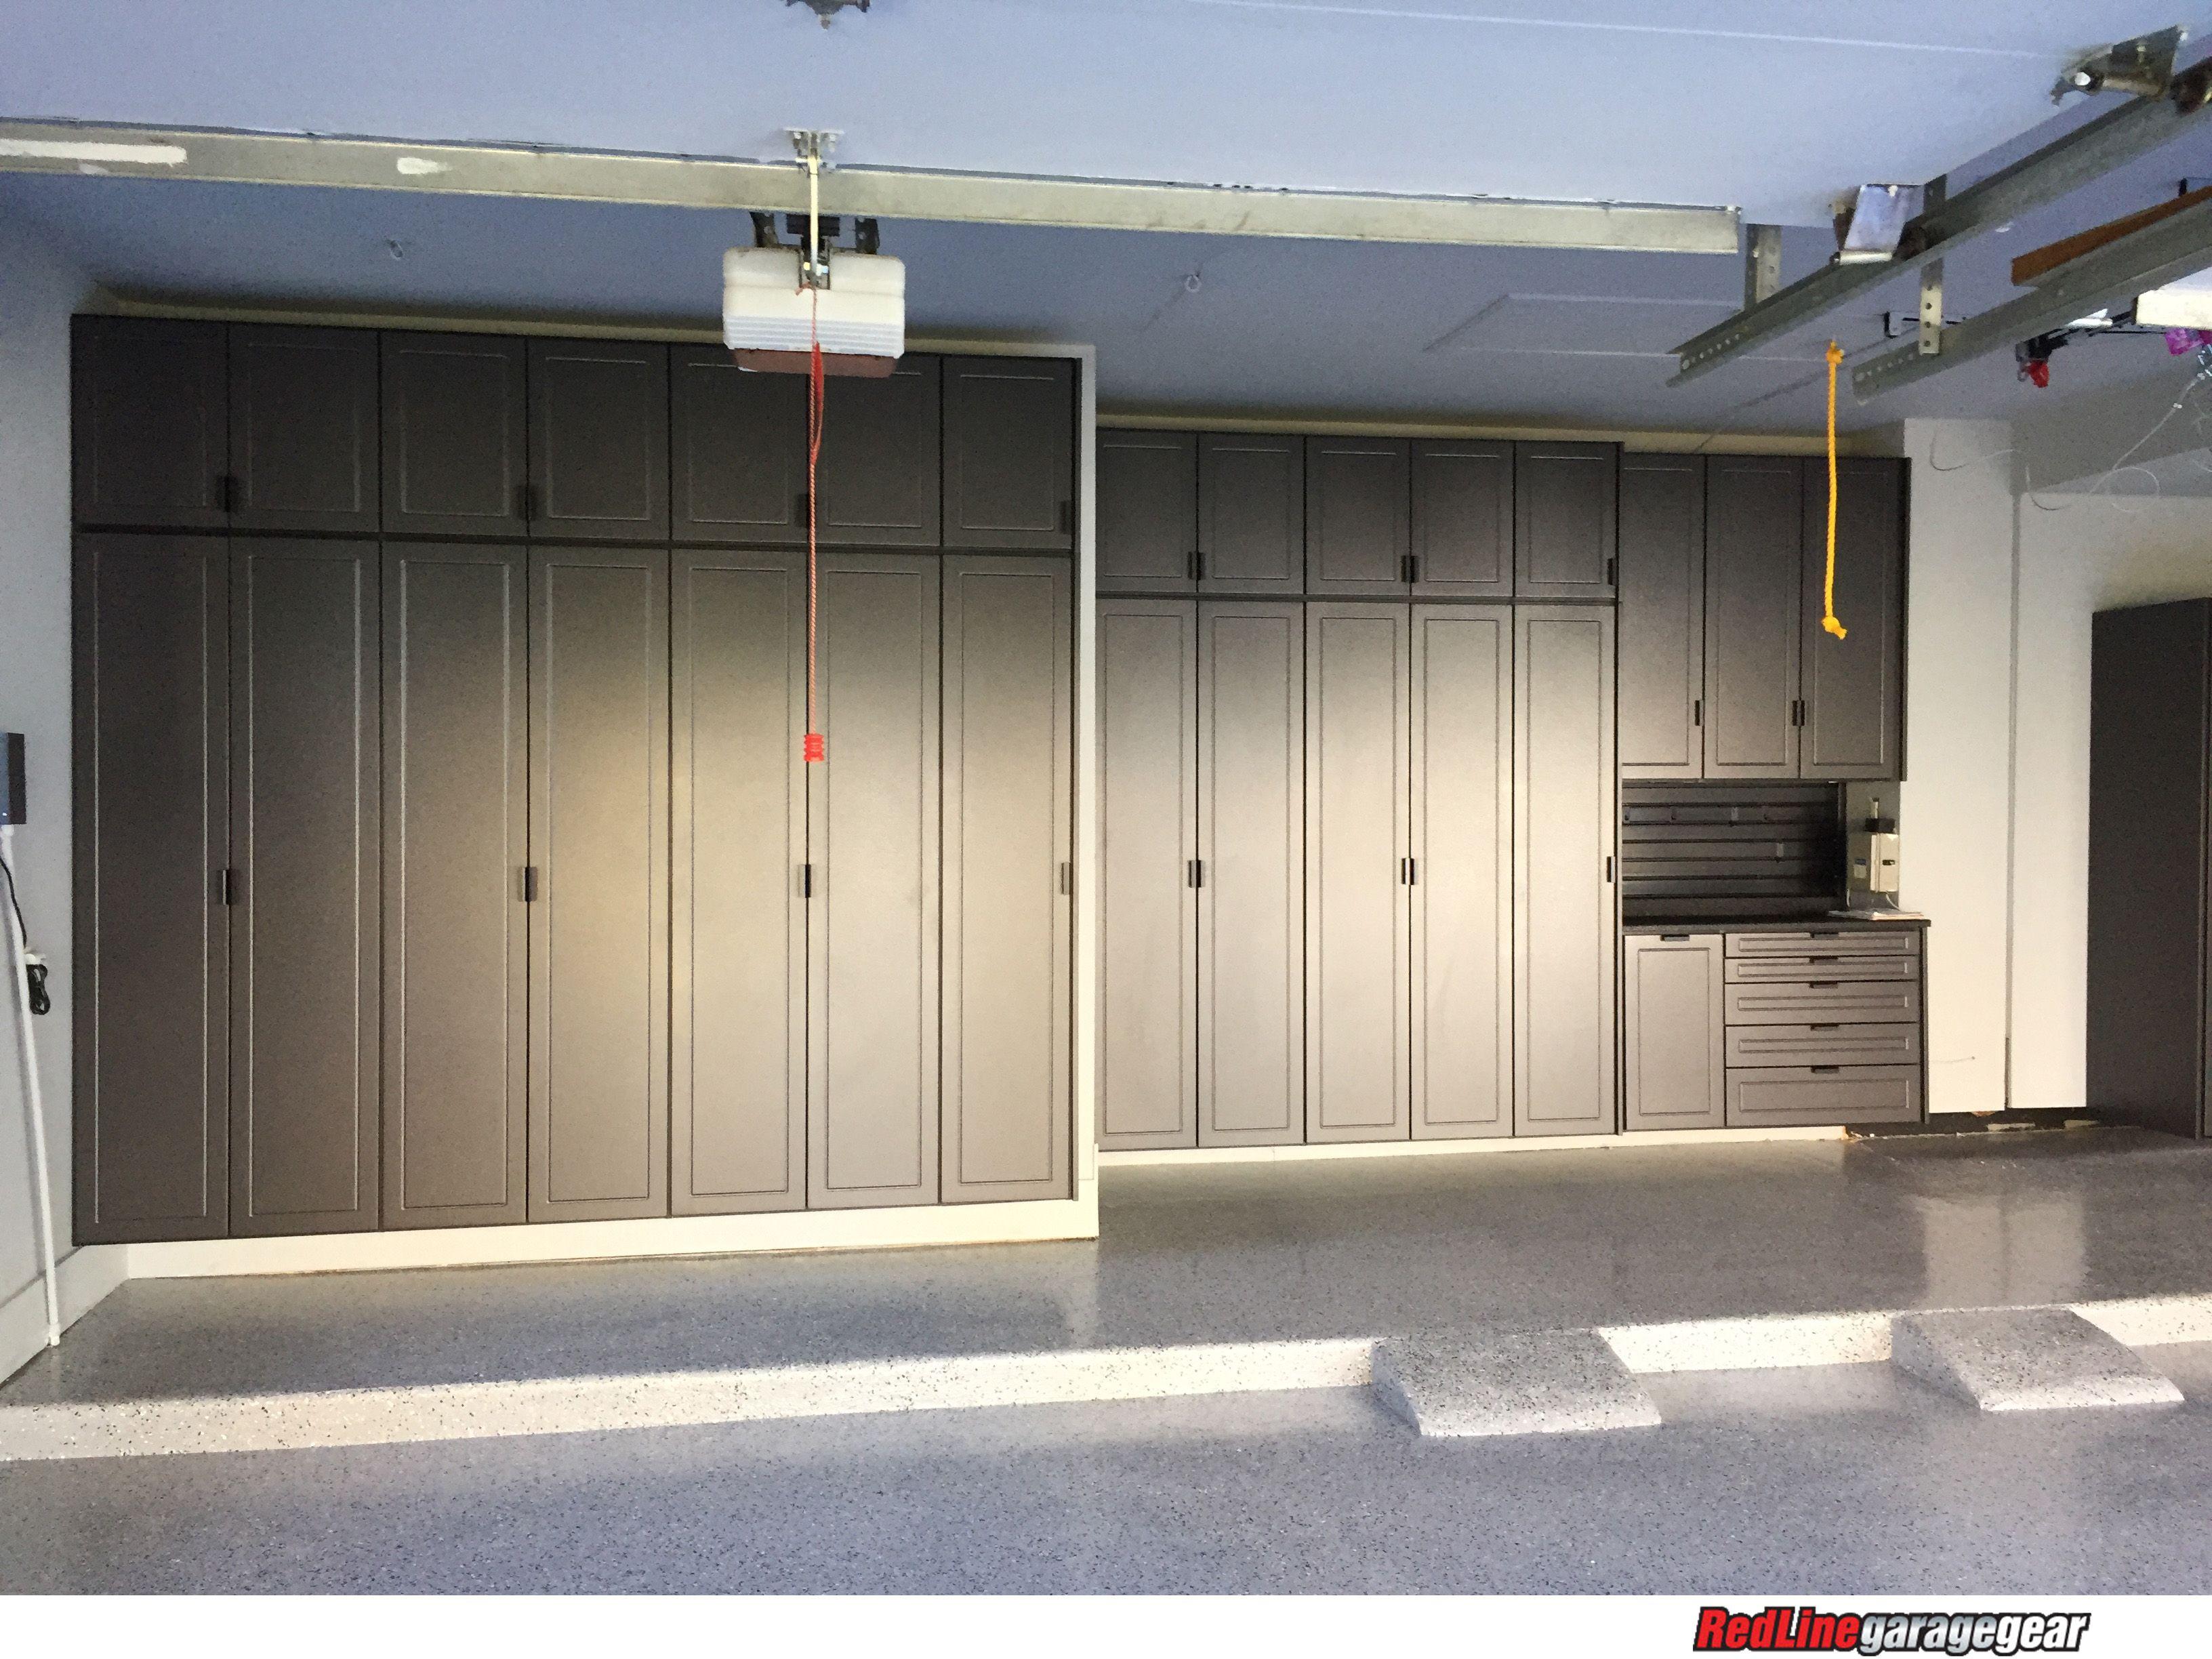 Redline Garagegear Manufactures The Finest Garage Organizer Design